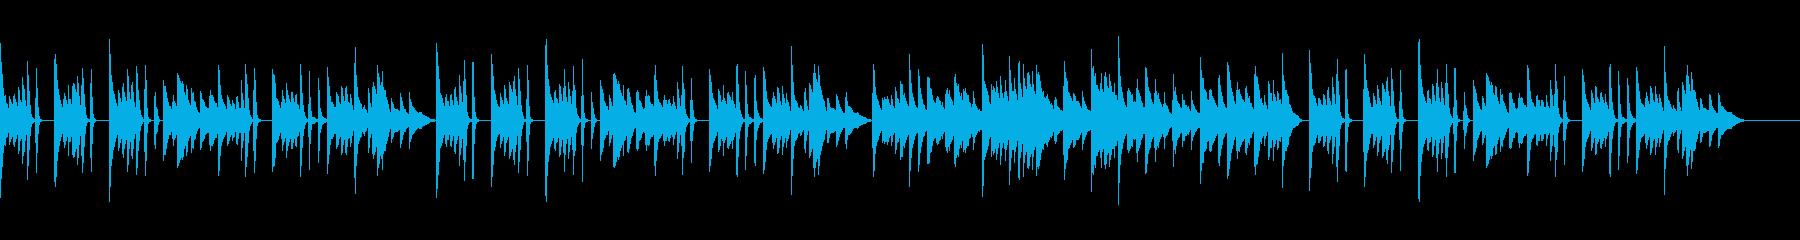 シンプルなワルツで使いやすいピアノソロの再生済みの波形